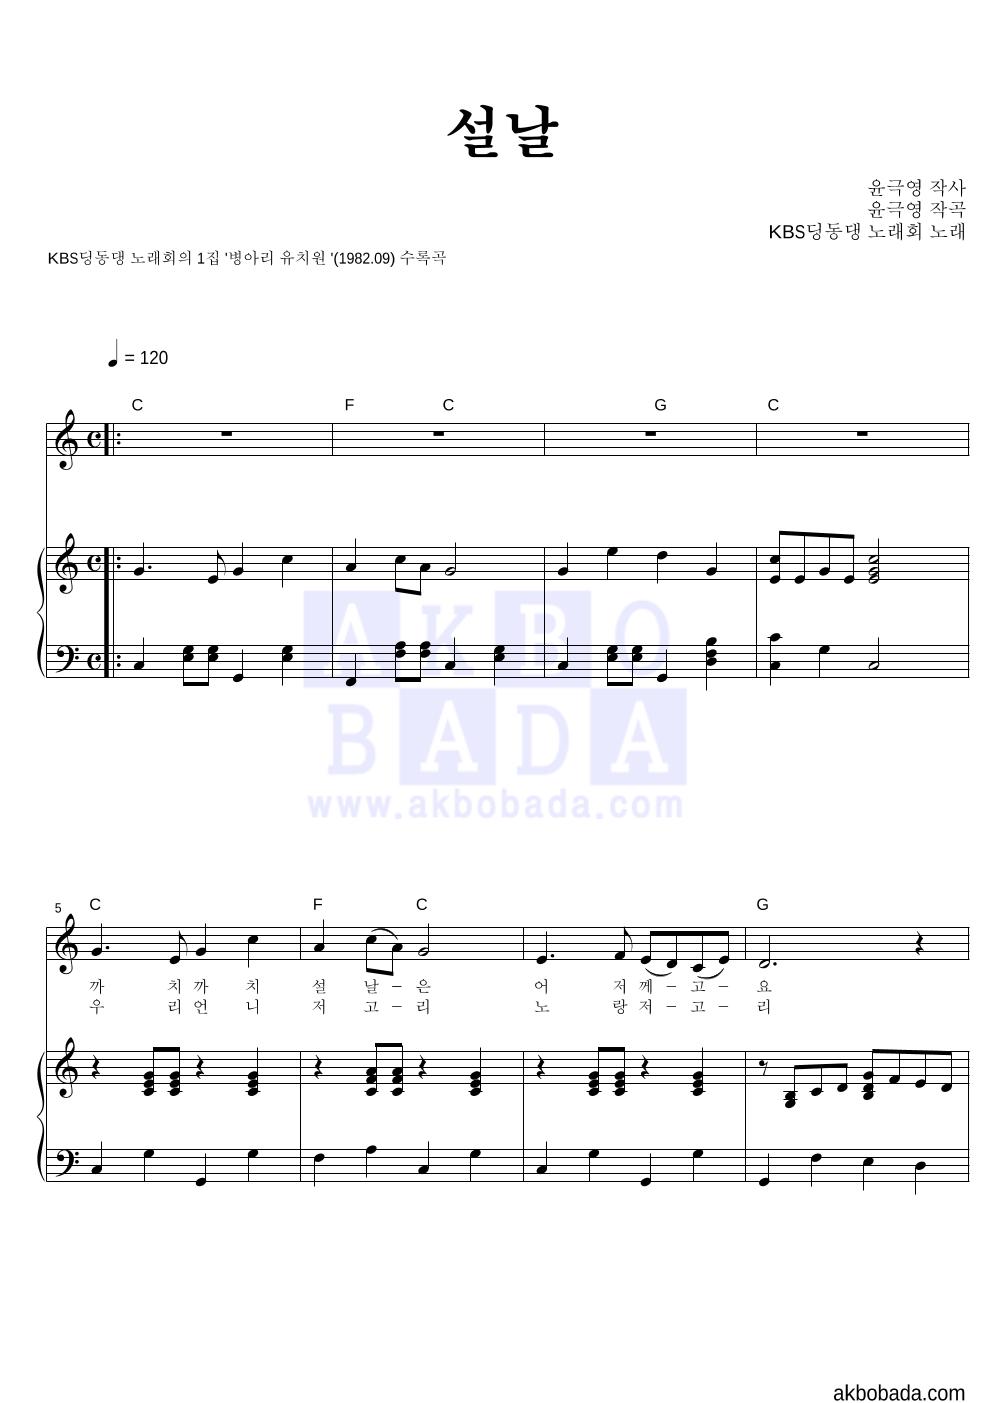 KBS 딩동댕 어린이 노래회 - 설날 피아노 3단 악보